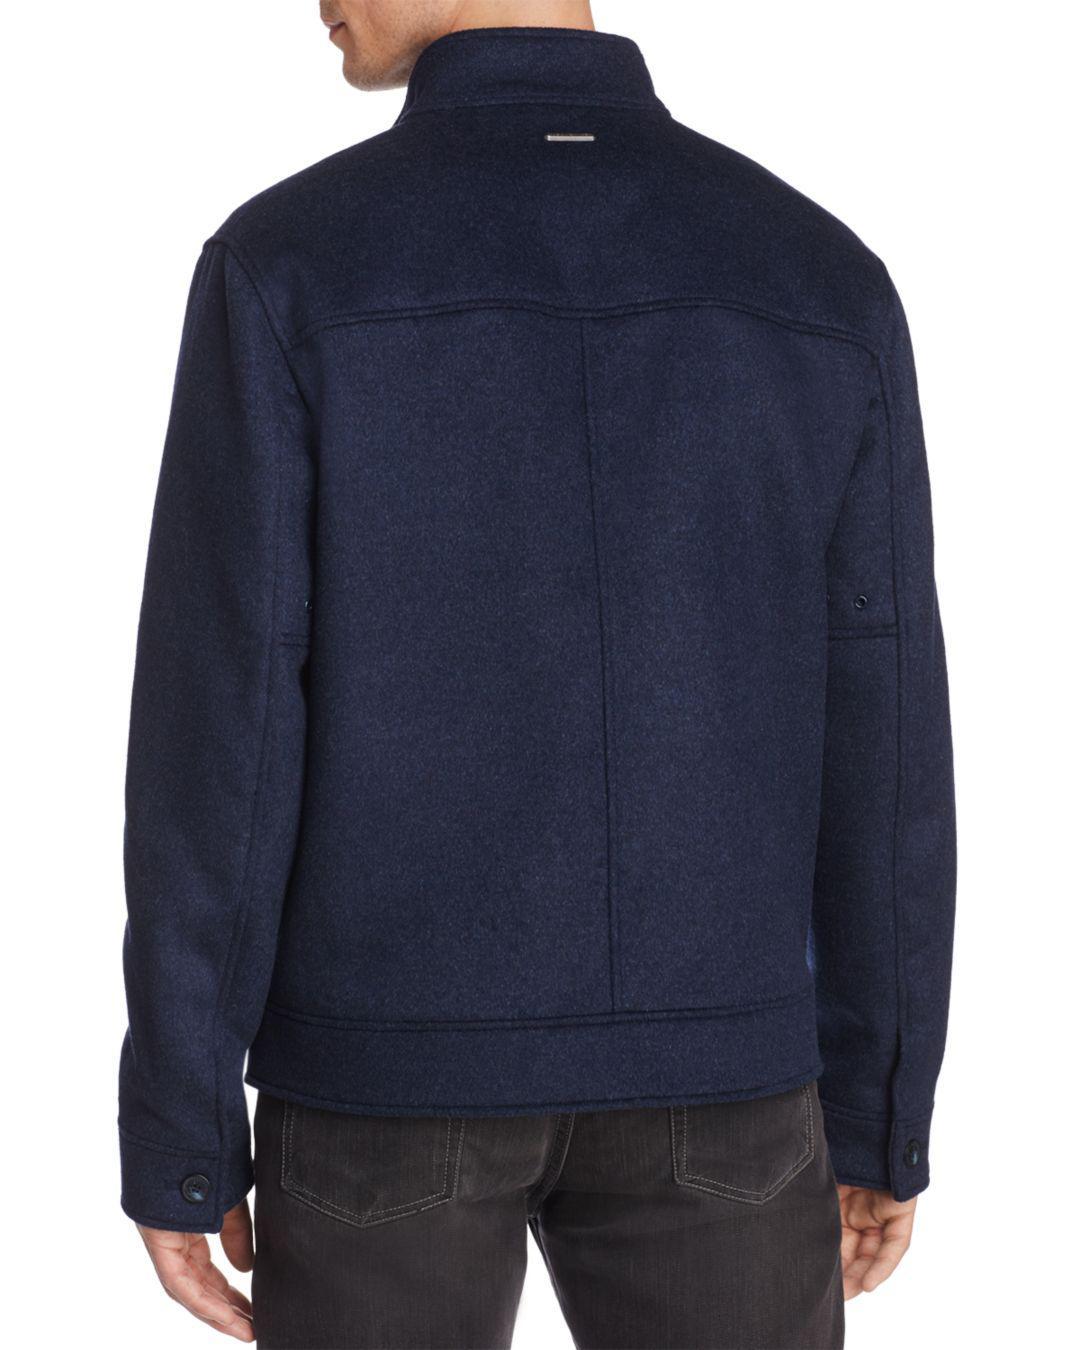 Marc New York Lenzen Bomber Jacket in Blue for Men